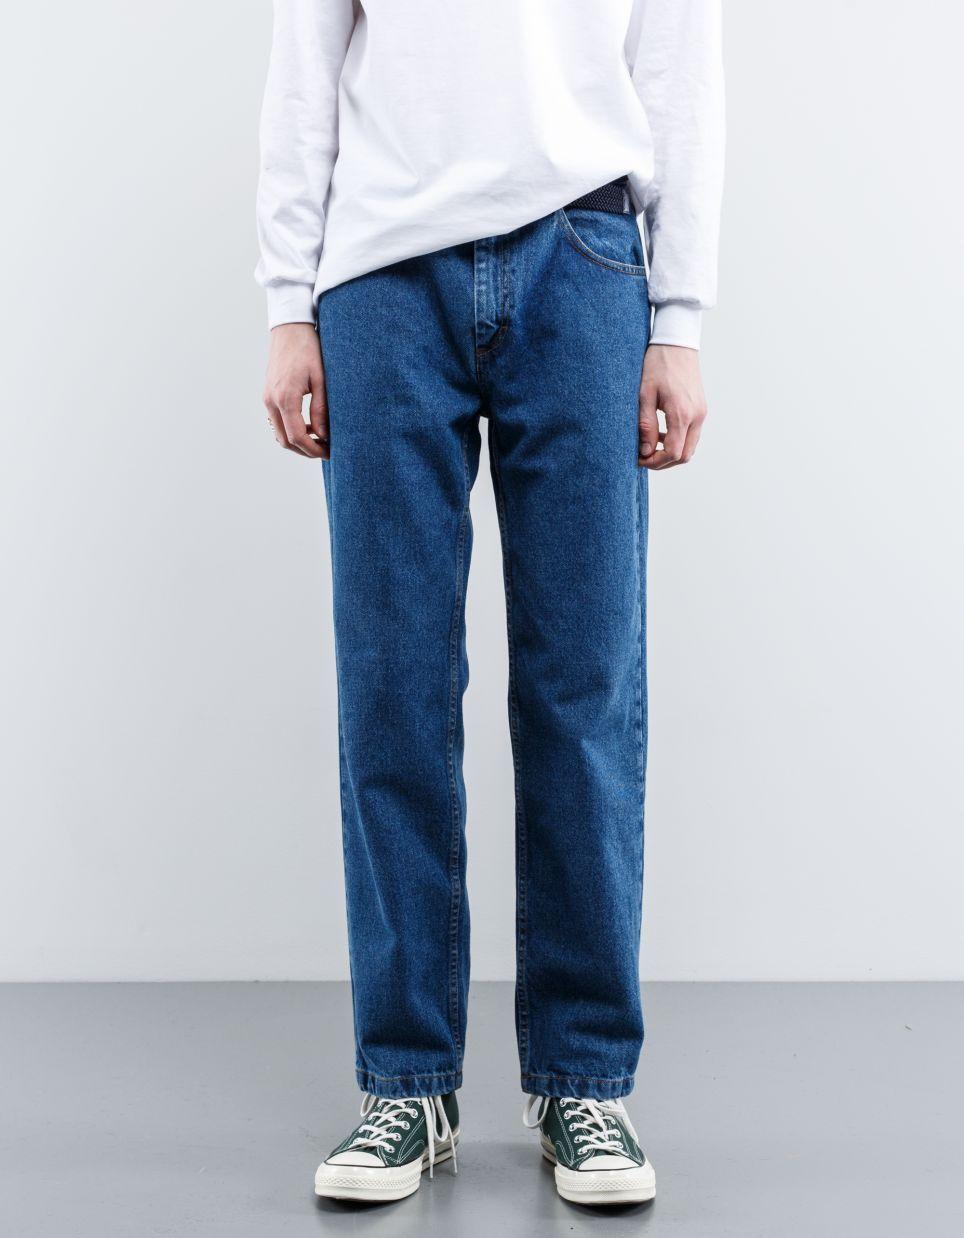 info for 7e797 00bd6 Polar Skate Co. - 90 s Jeans